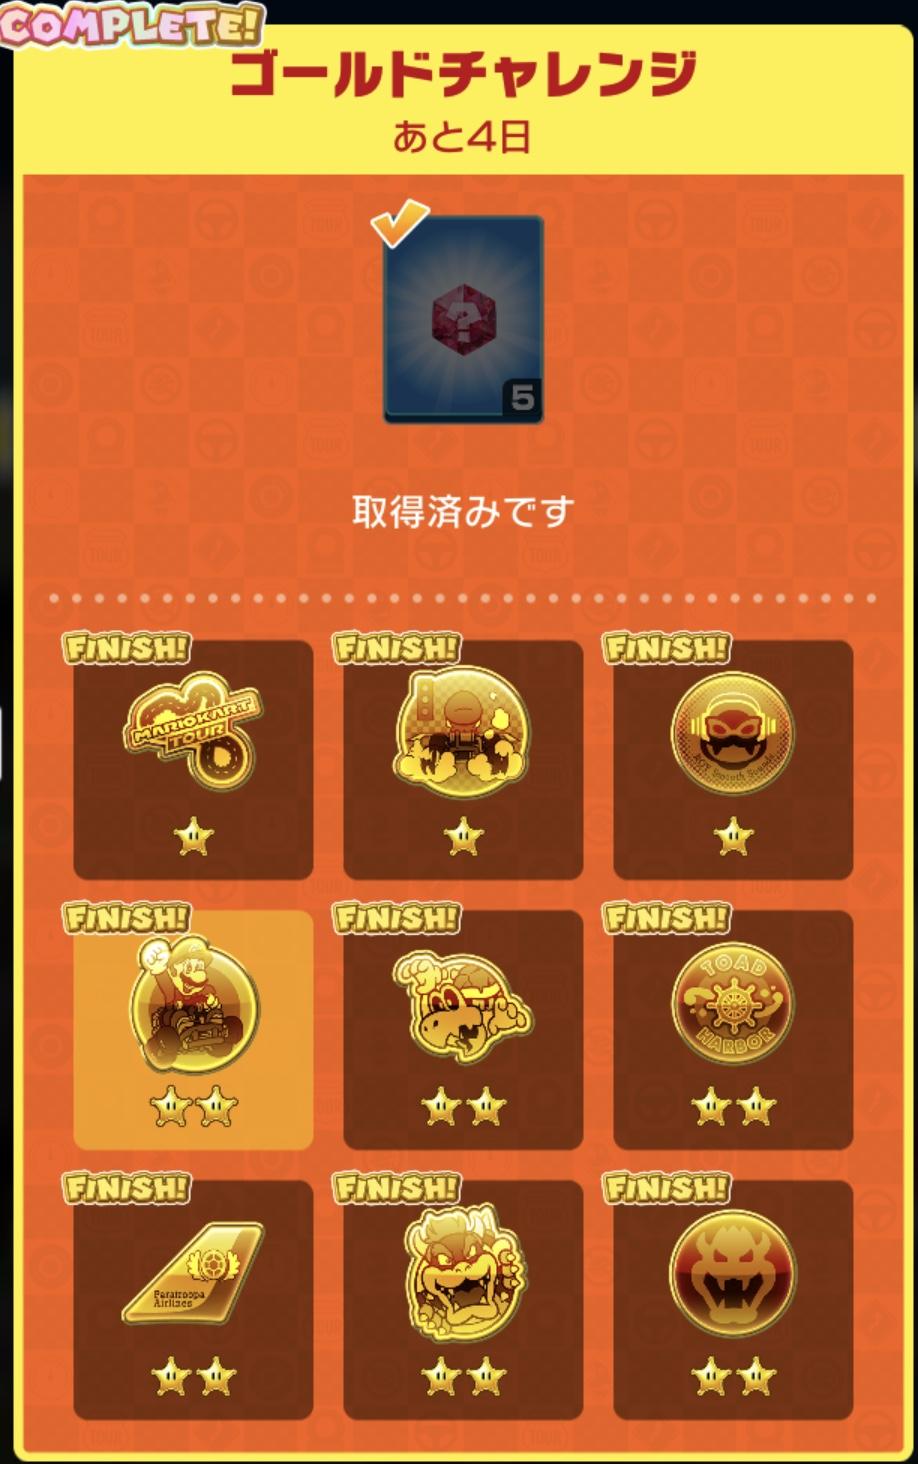 マリオカートツアー - ゴールドチャレンジ